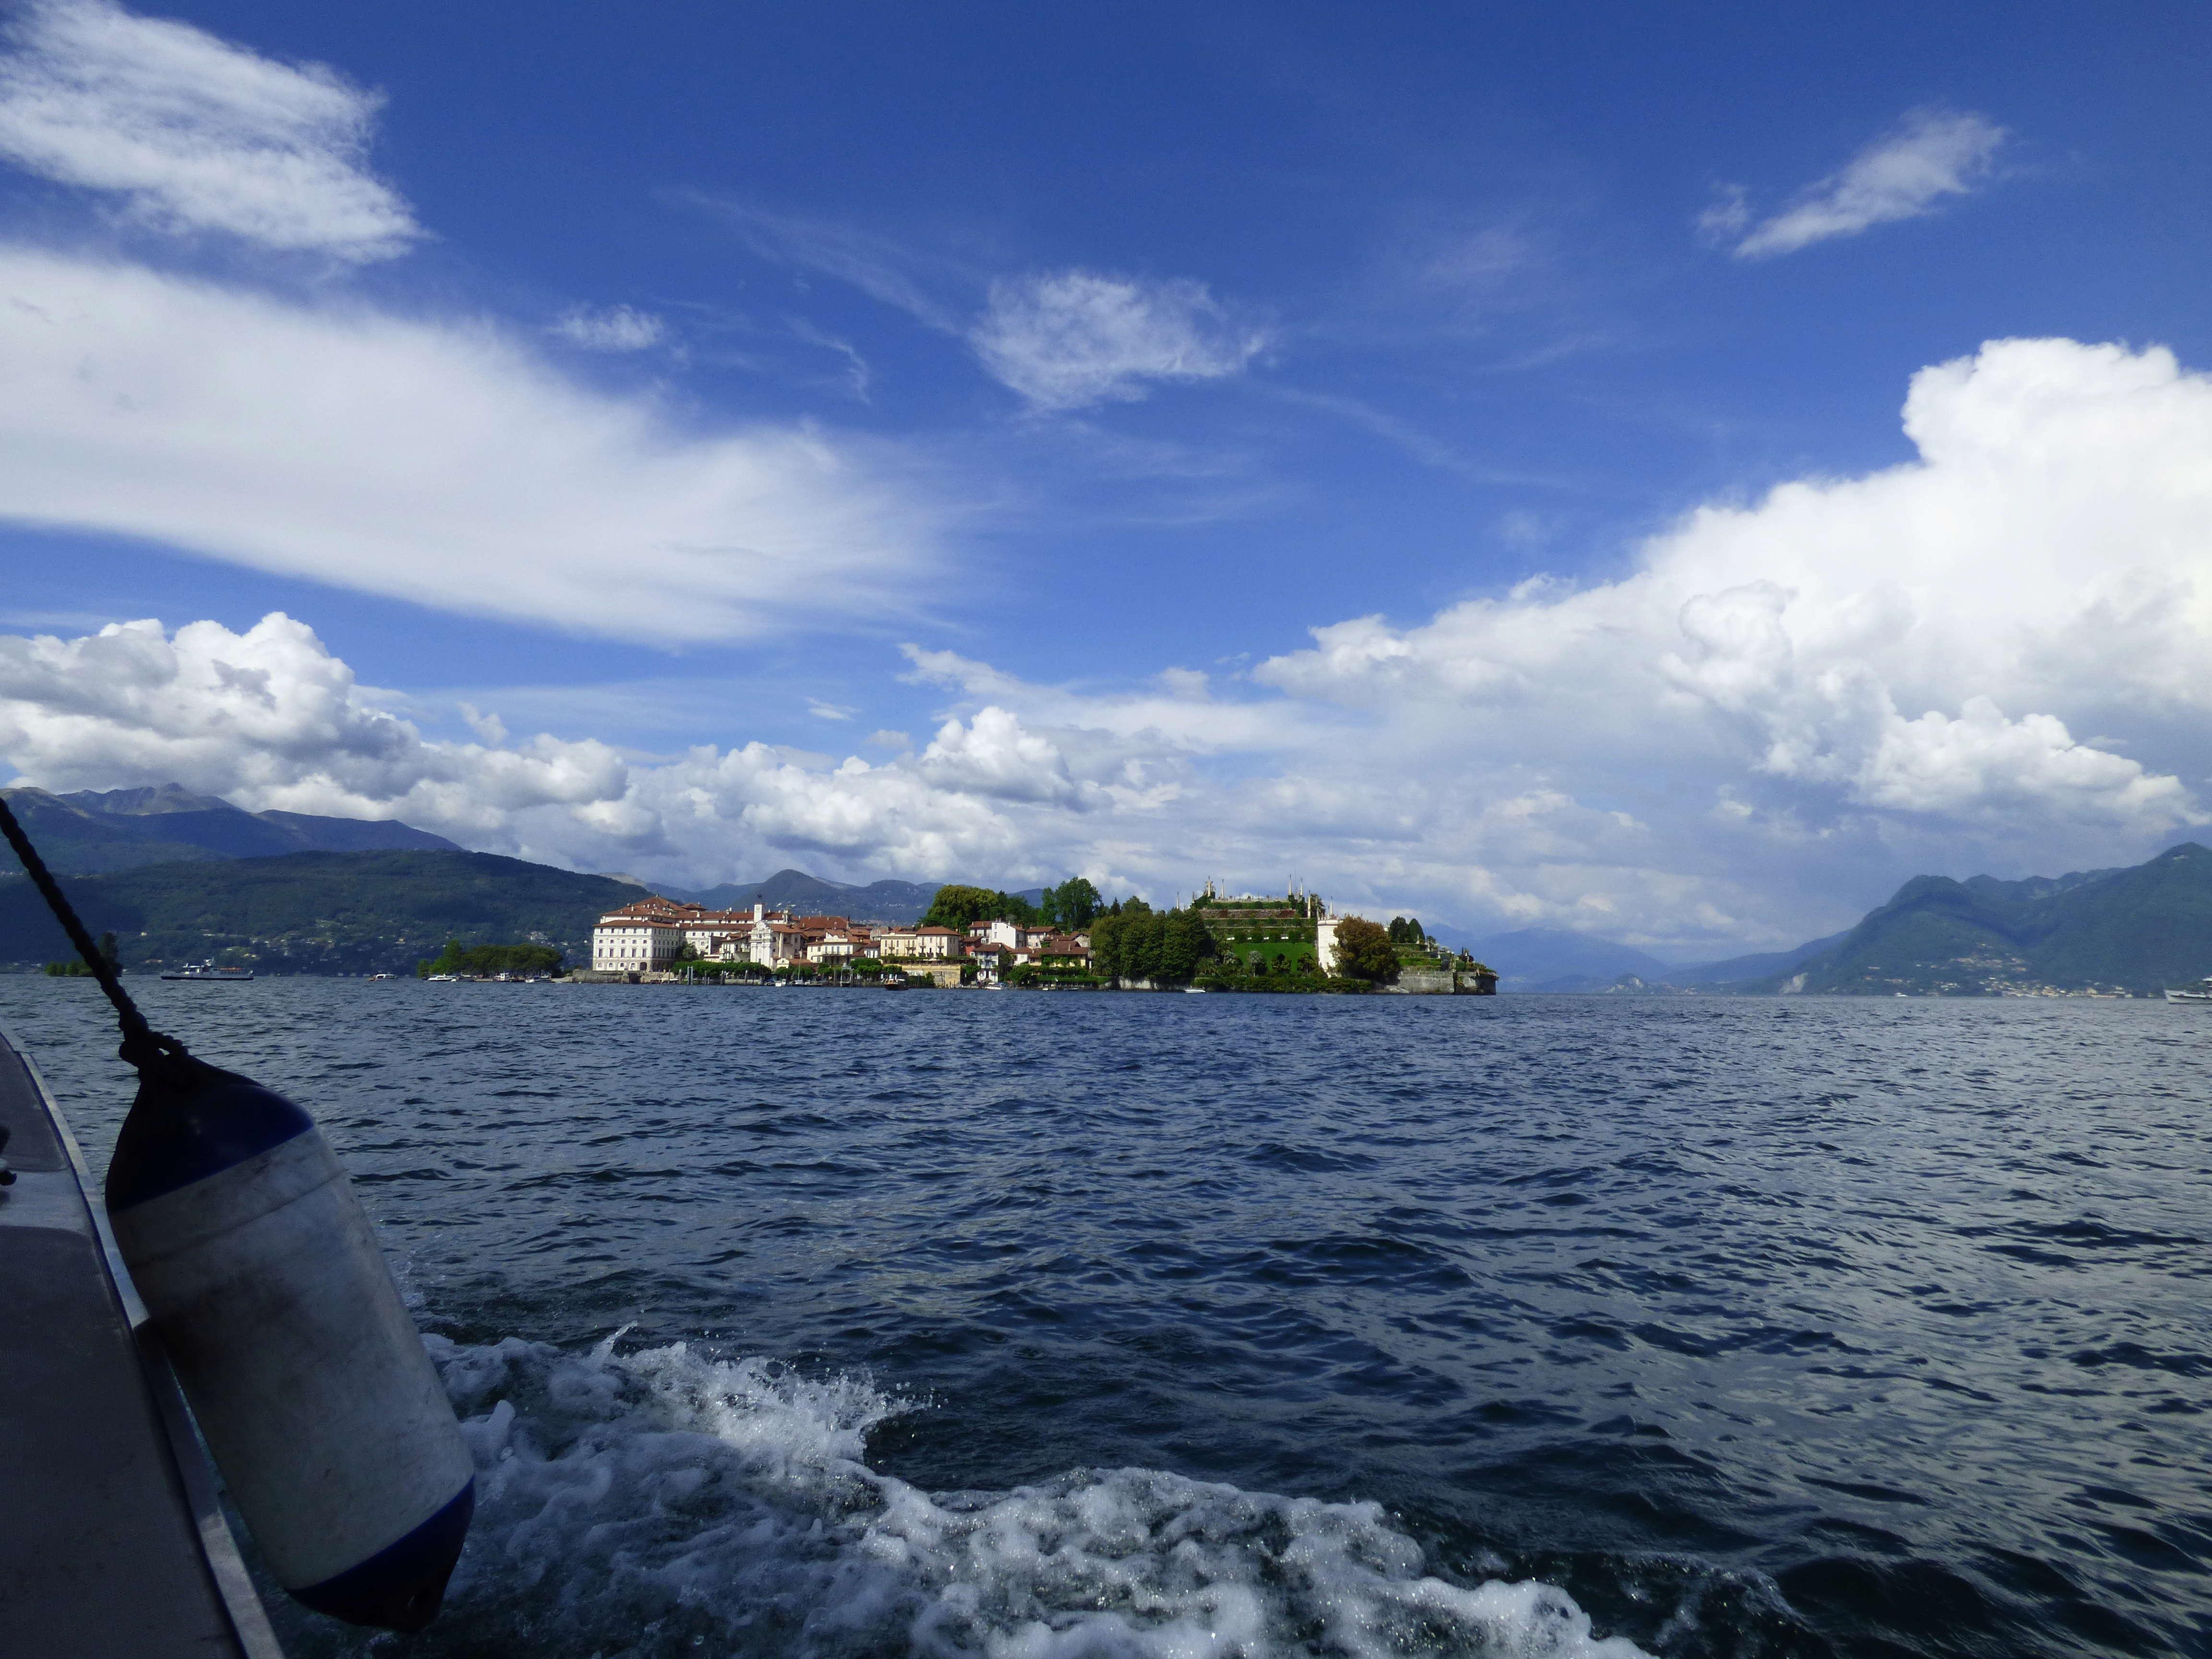 Au retour de vacances dans la région des lacs Italiens P1030117